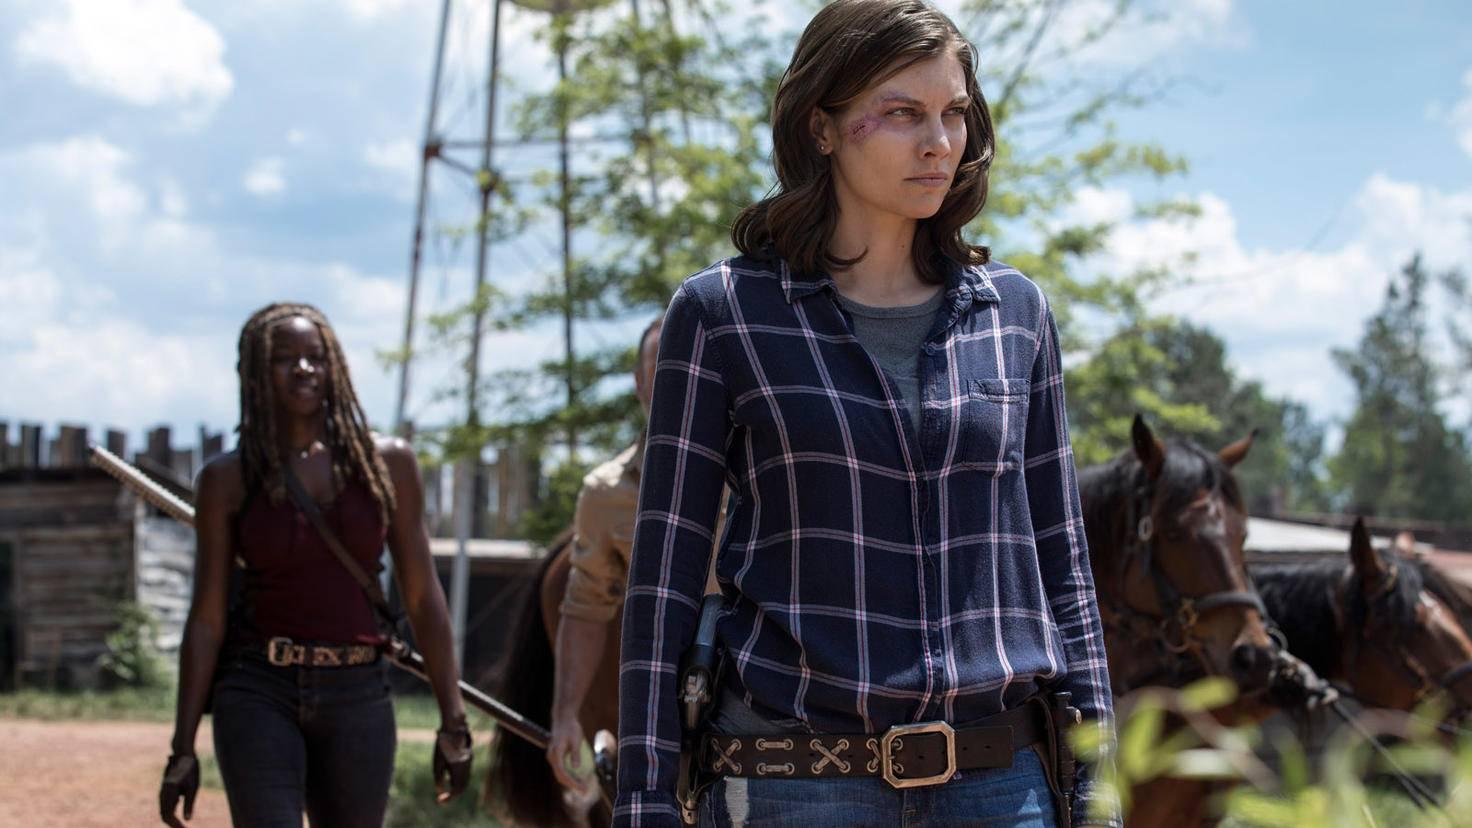 The Walking Dead-S09E01-Maggie-Michonne-Jackson Lee Davis-AMC